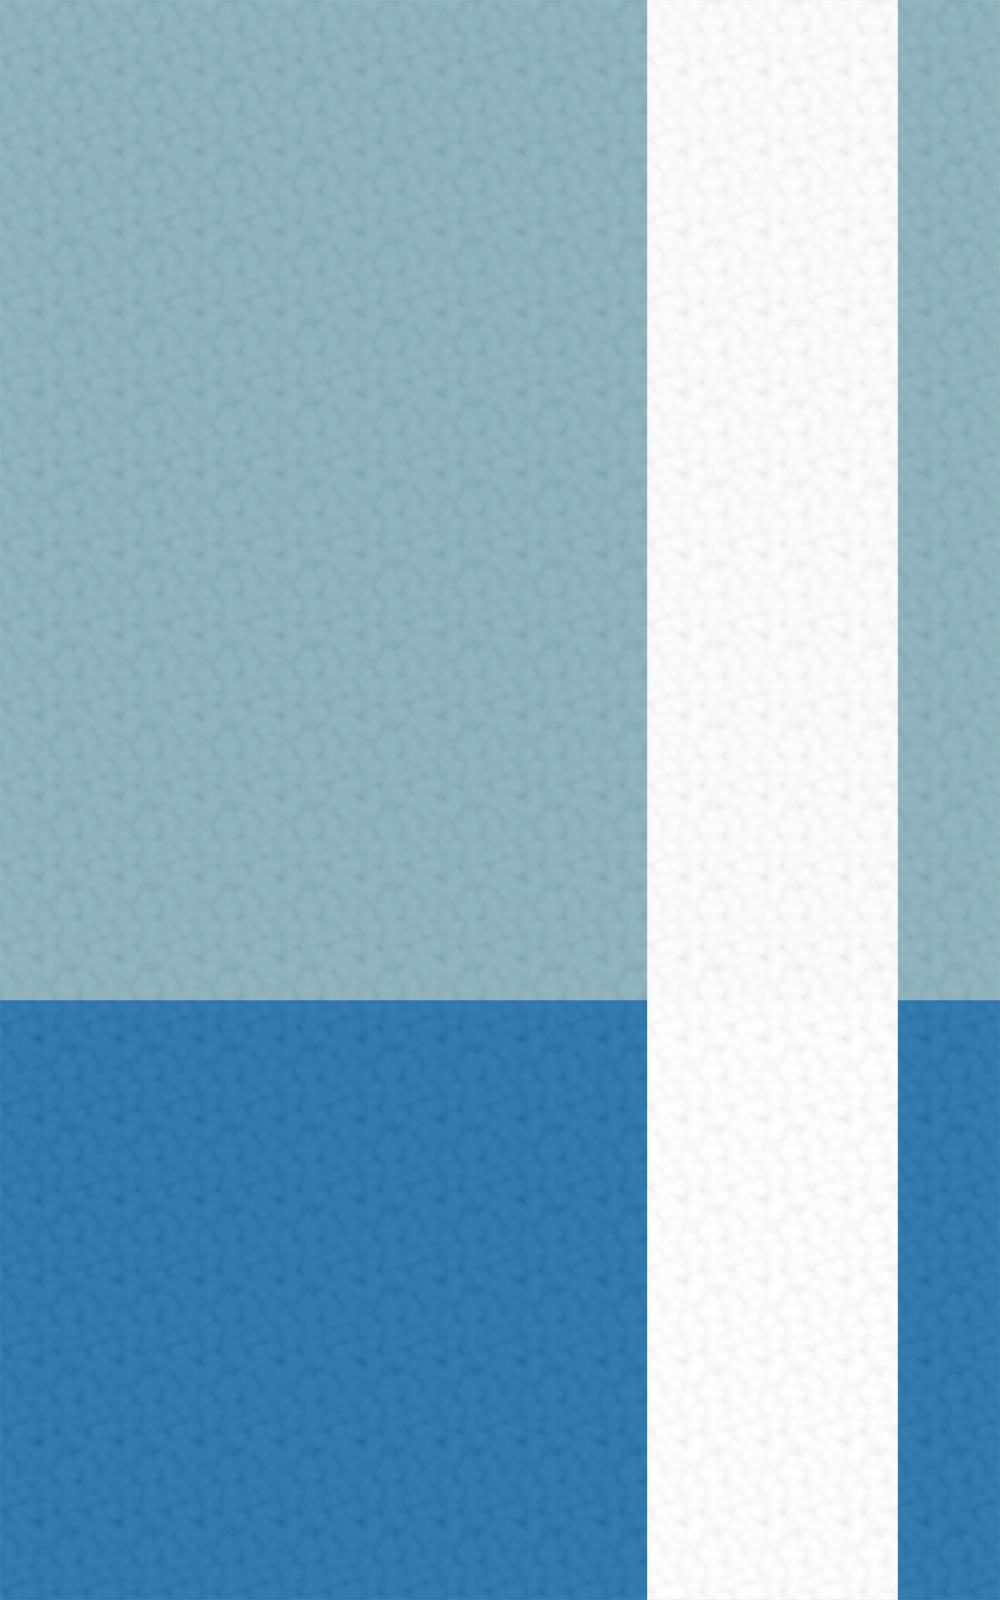 和紙風の表紙画像(2-f)